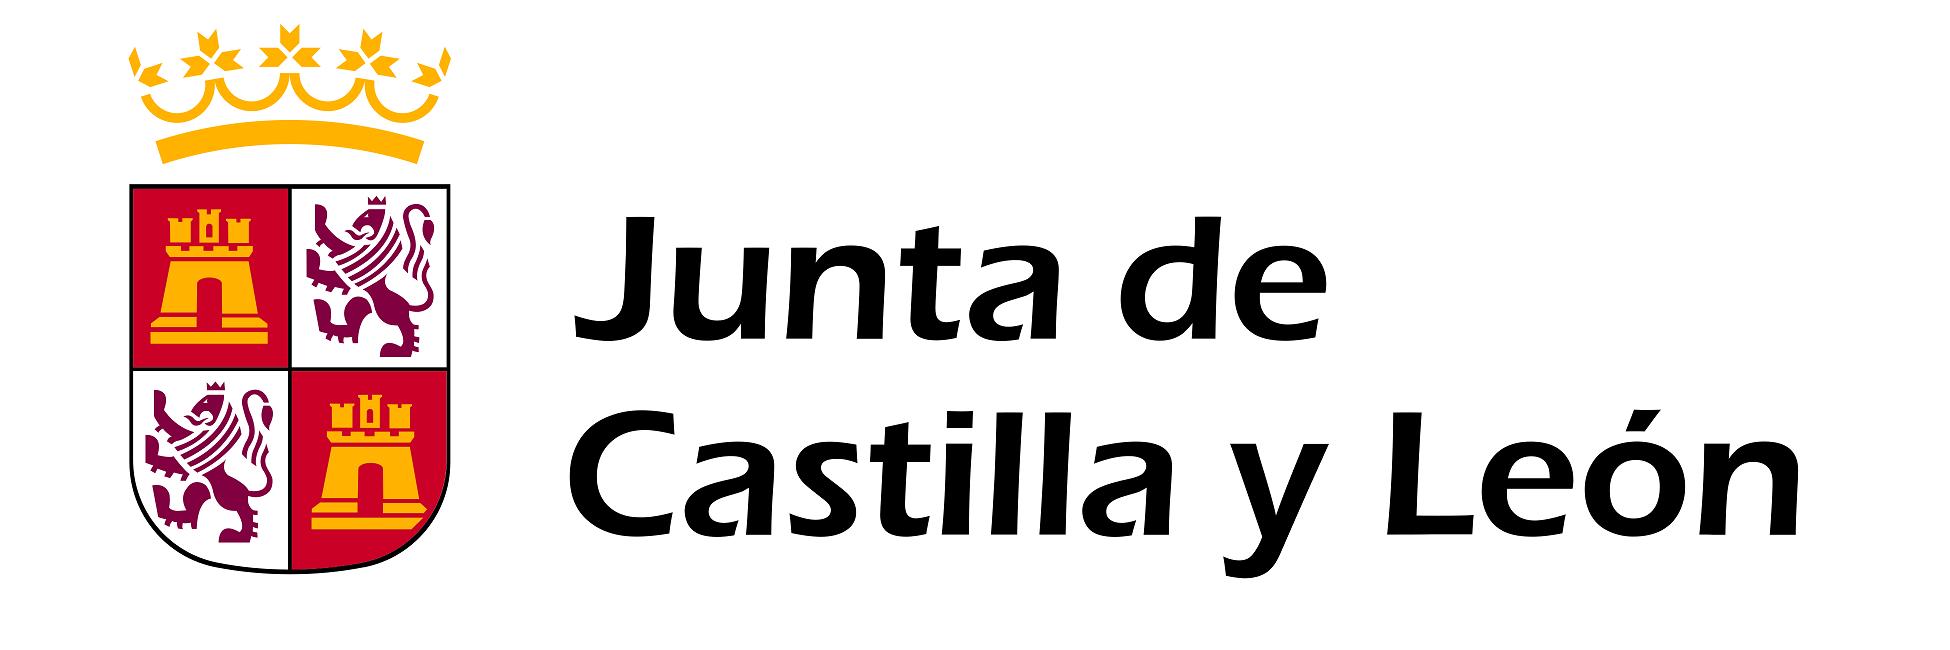 Logotipo Junta de Castilla y León 1950x650